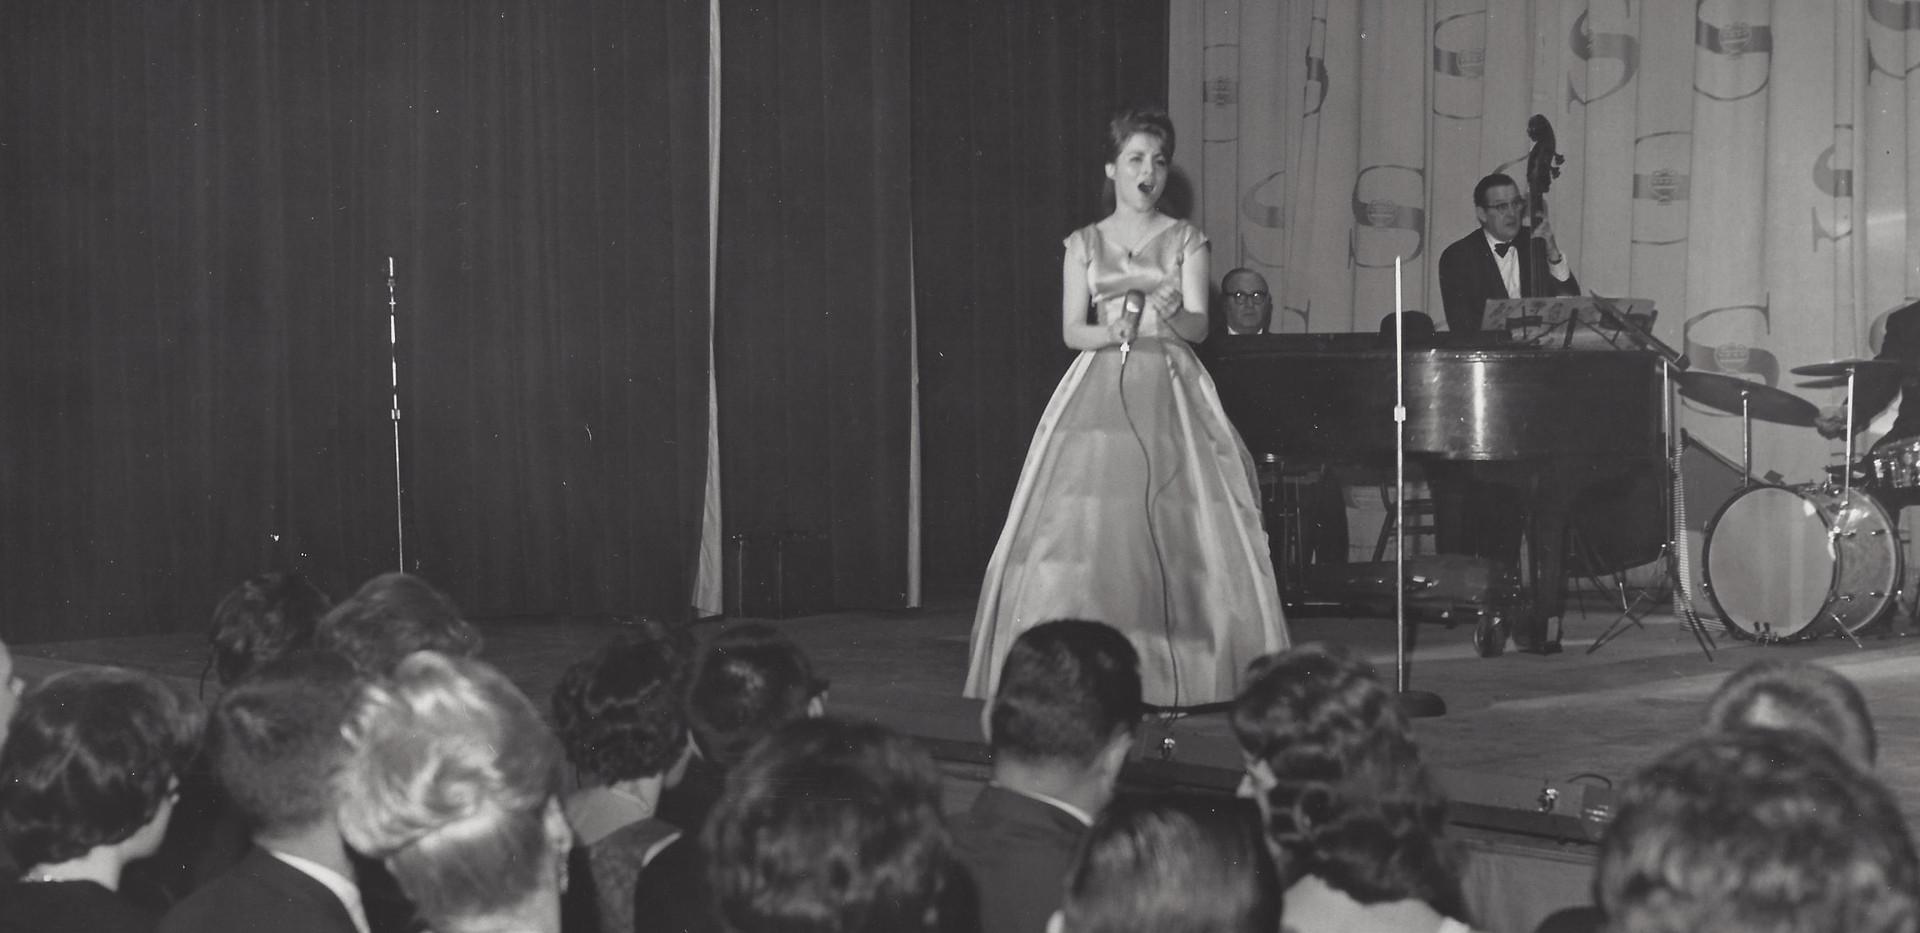 Marquita_1960's